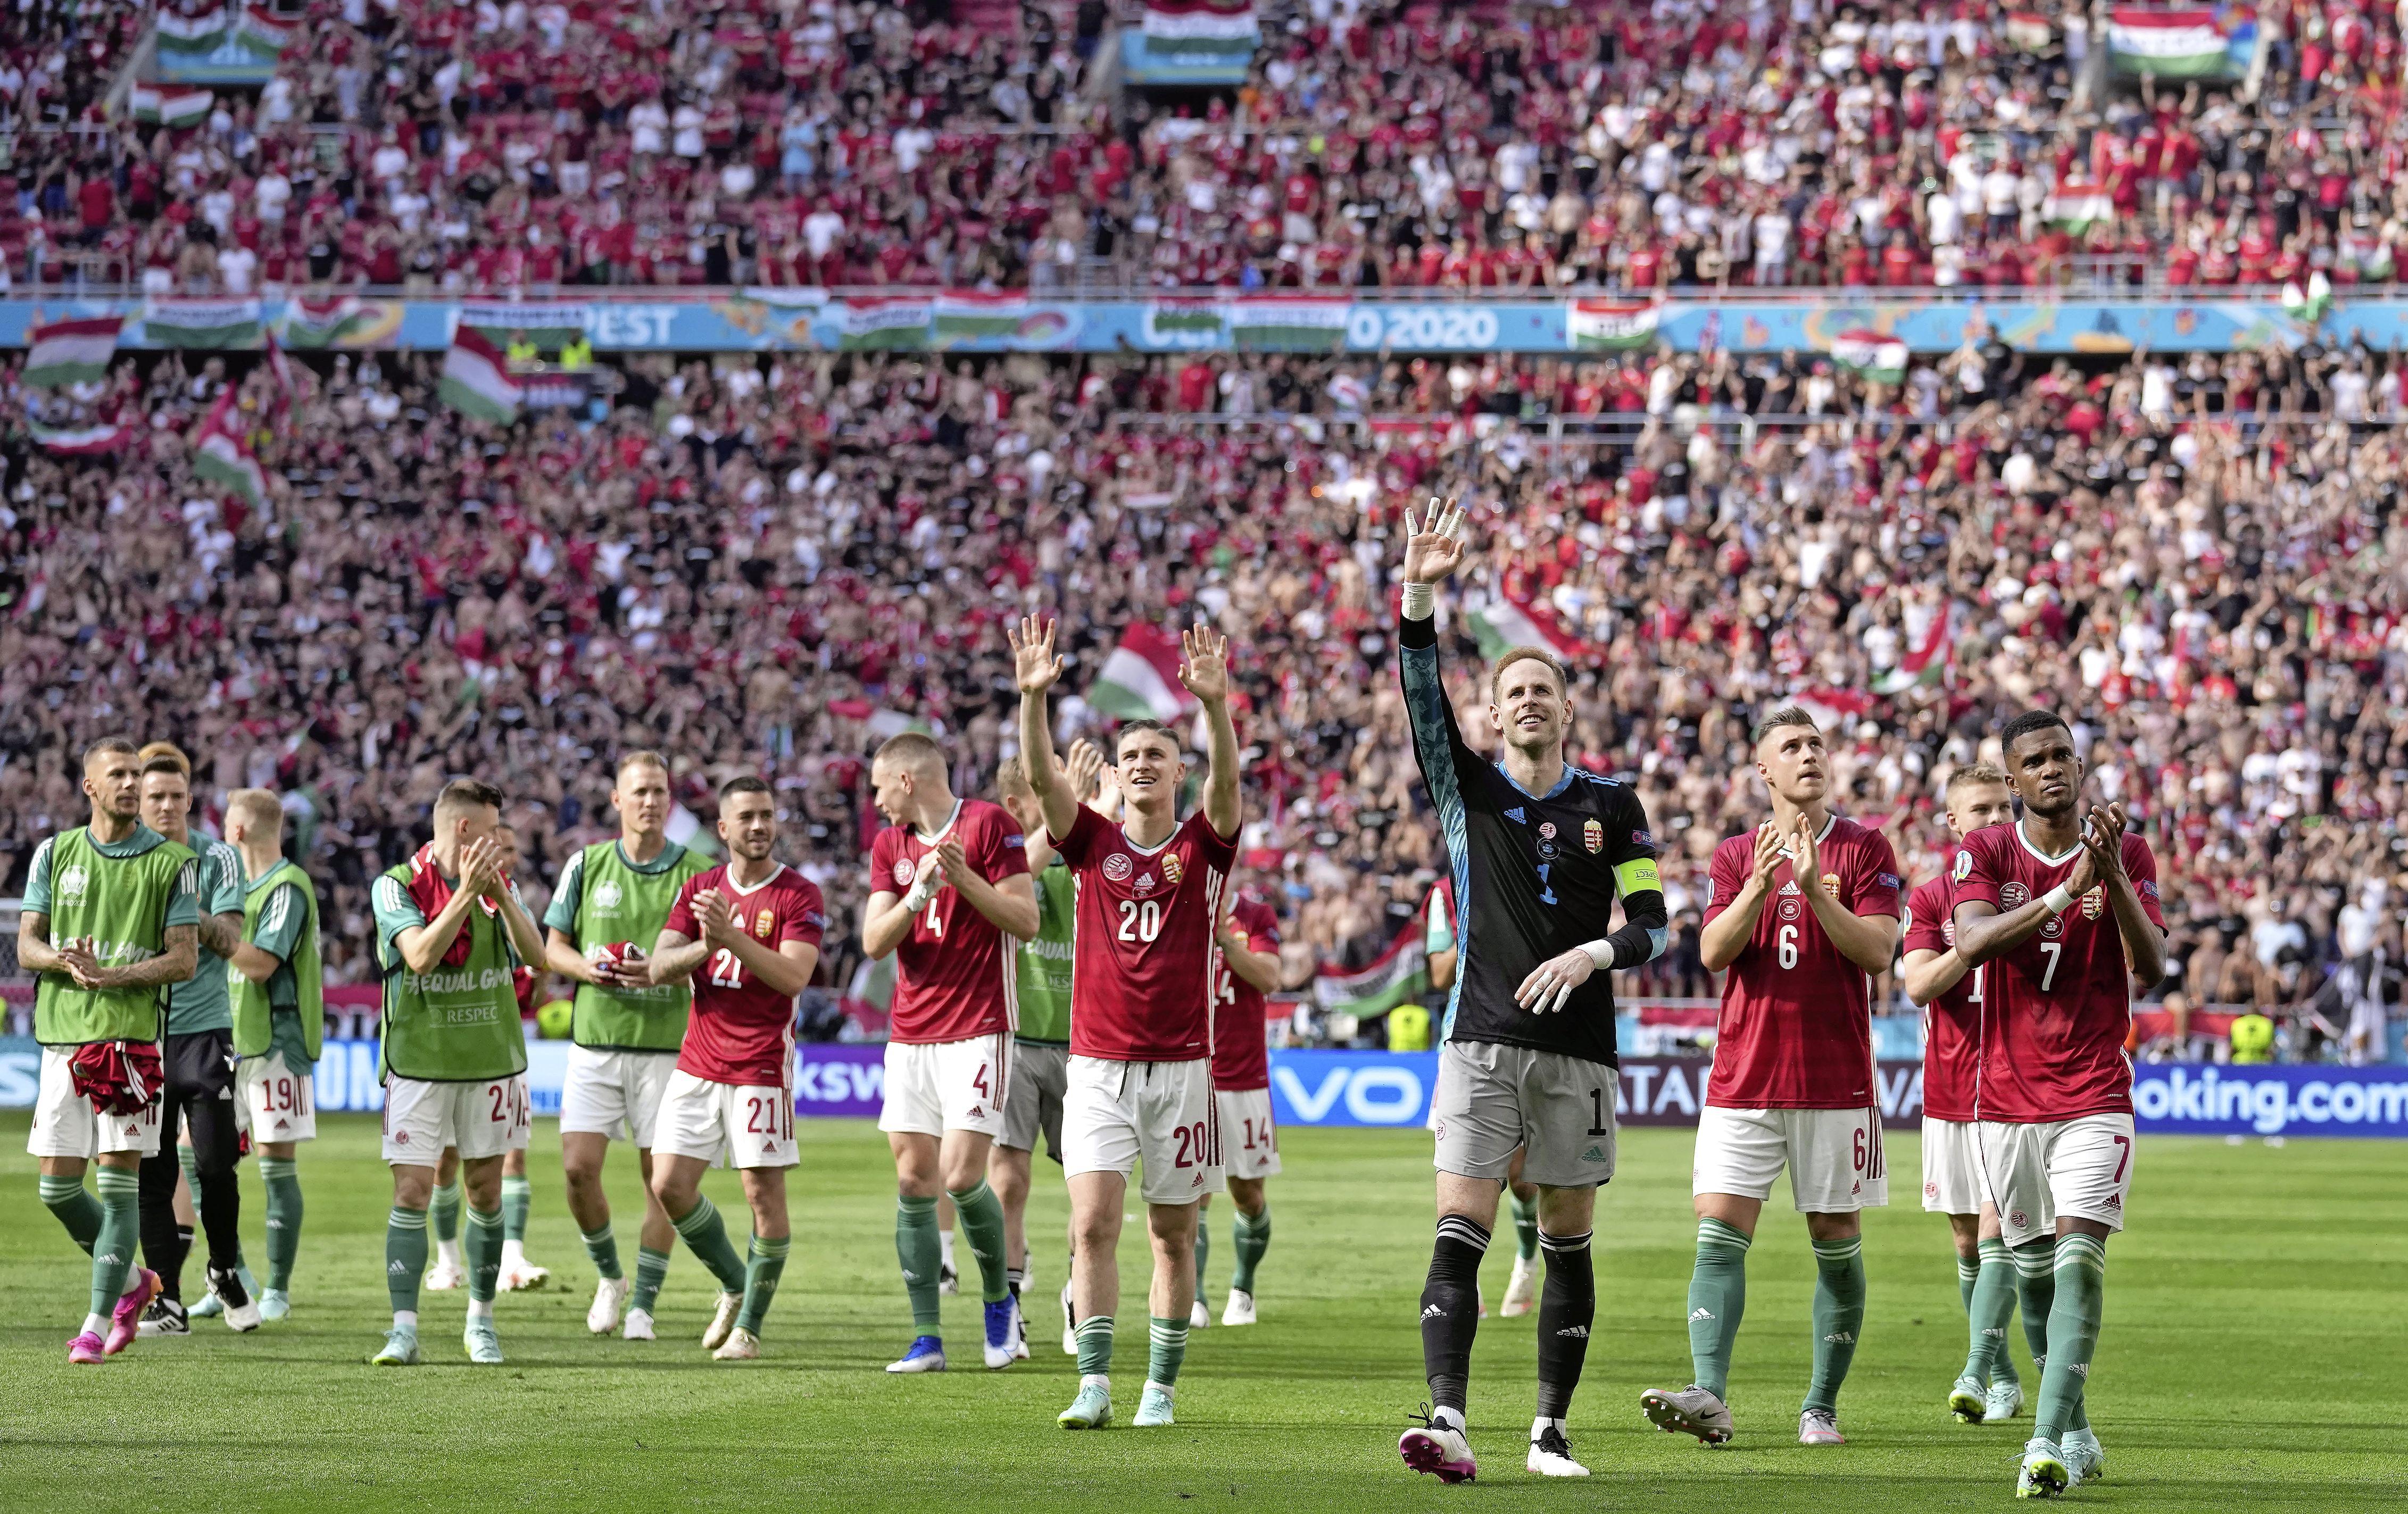 Orbán gaat heel ver, 'tot het bizarre aan toe', om het Hongaarse voetbal weer groot te maken. Erik Brouwer zag het met eigen ogen en schrijft erover in 'Voetbal in Europa'